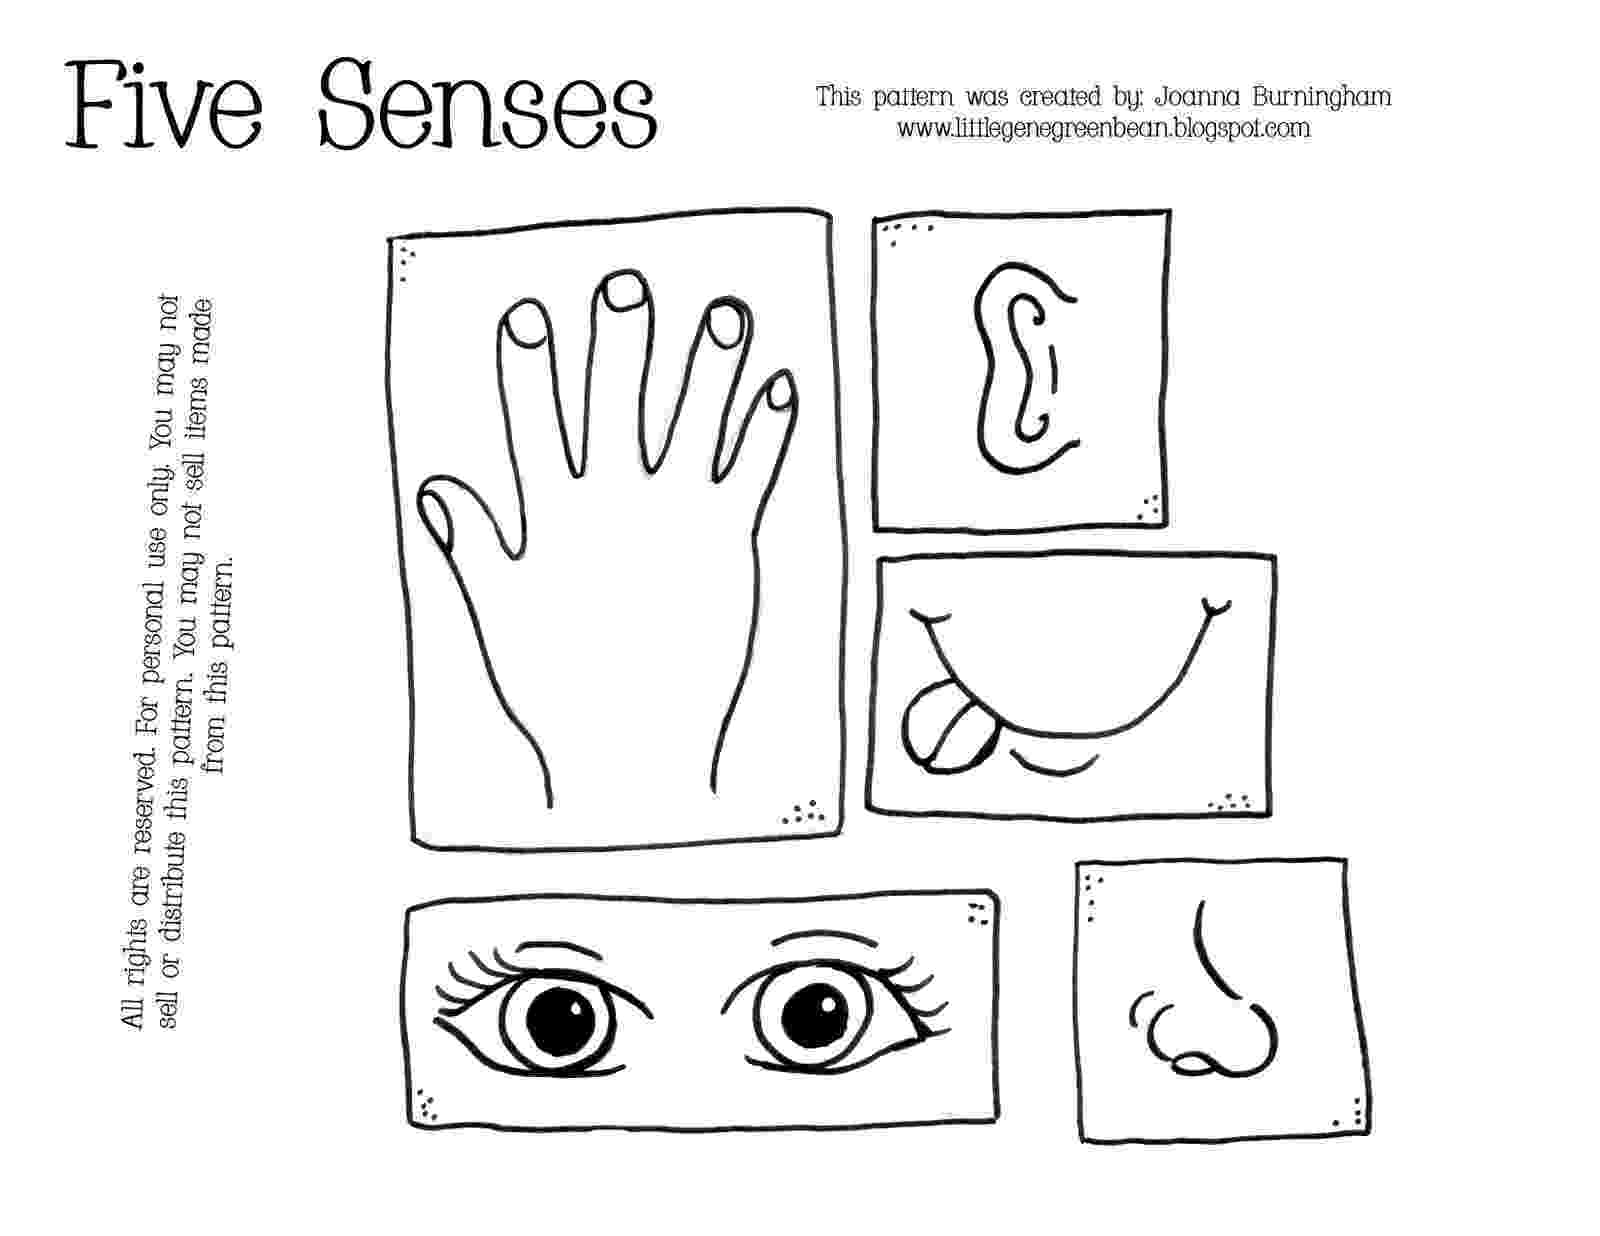 5 senses coloring pages for preschoolers 5 senses cards preschool pinterest for coloring senses pages 5 preschoolers